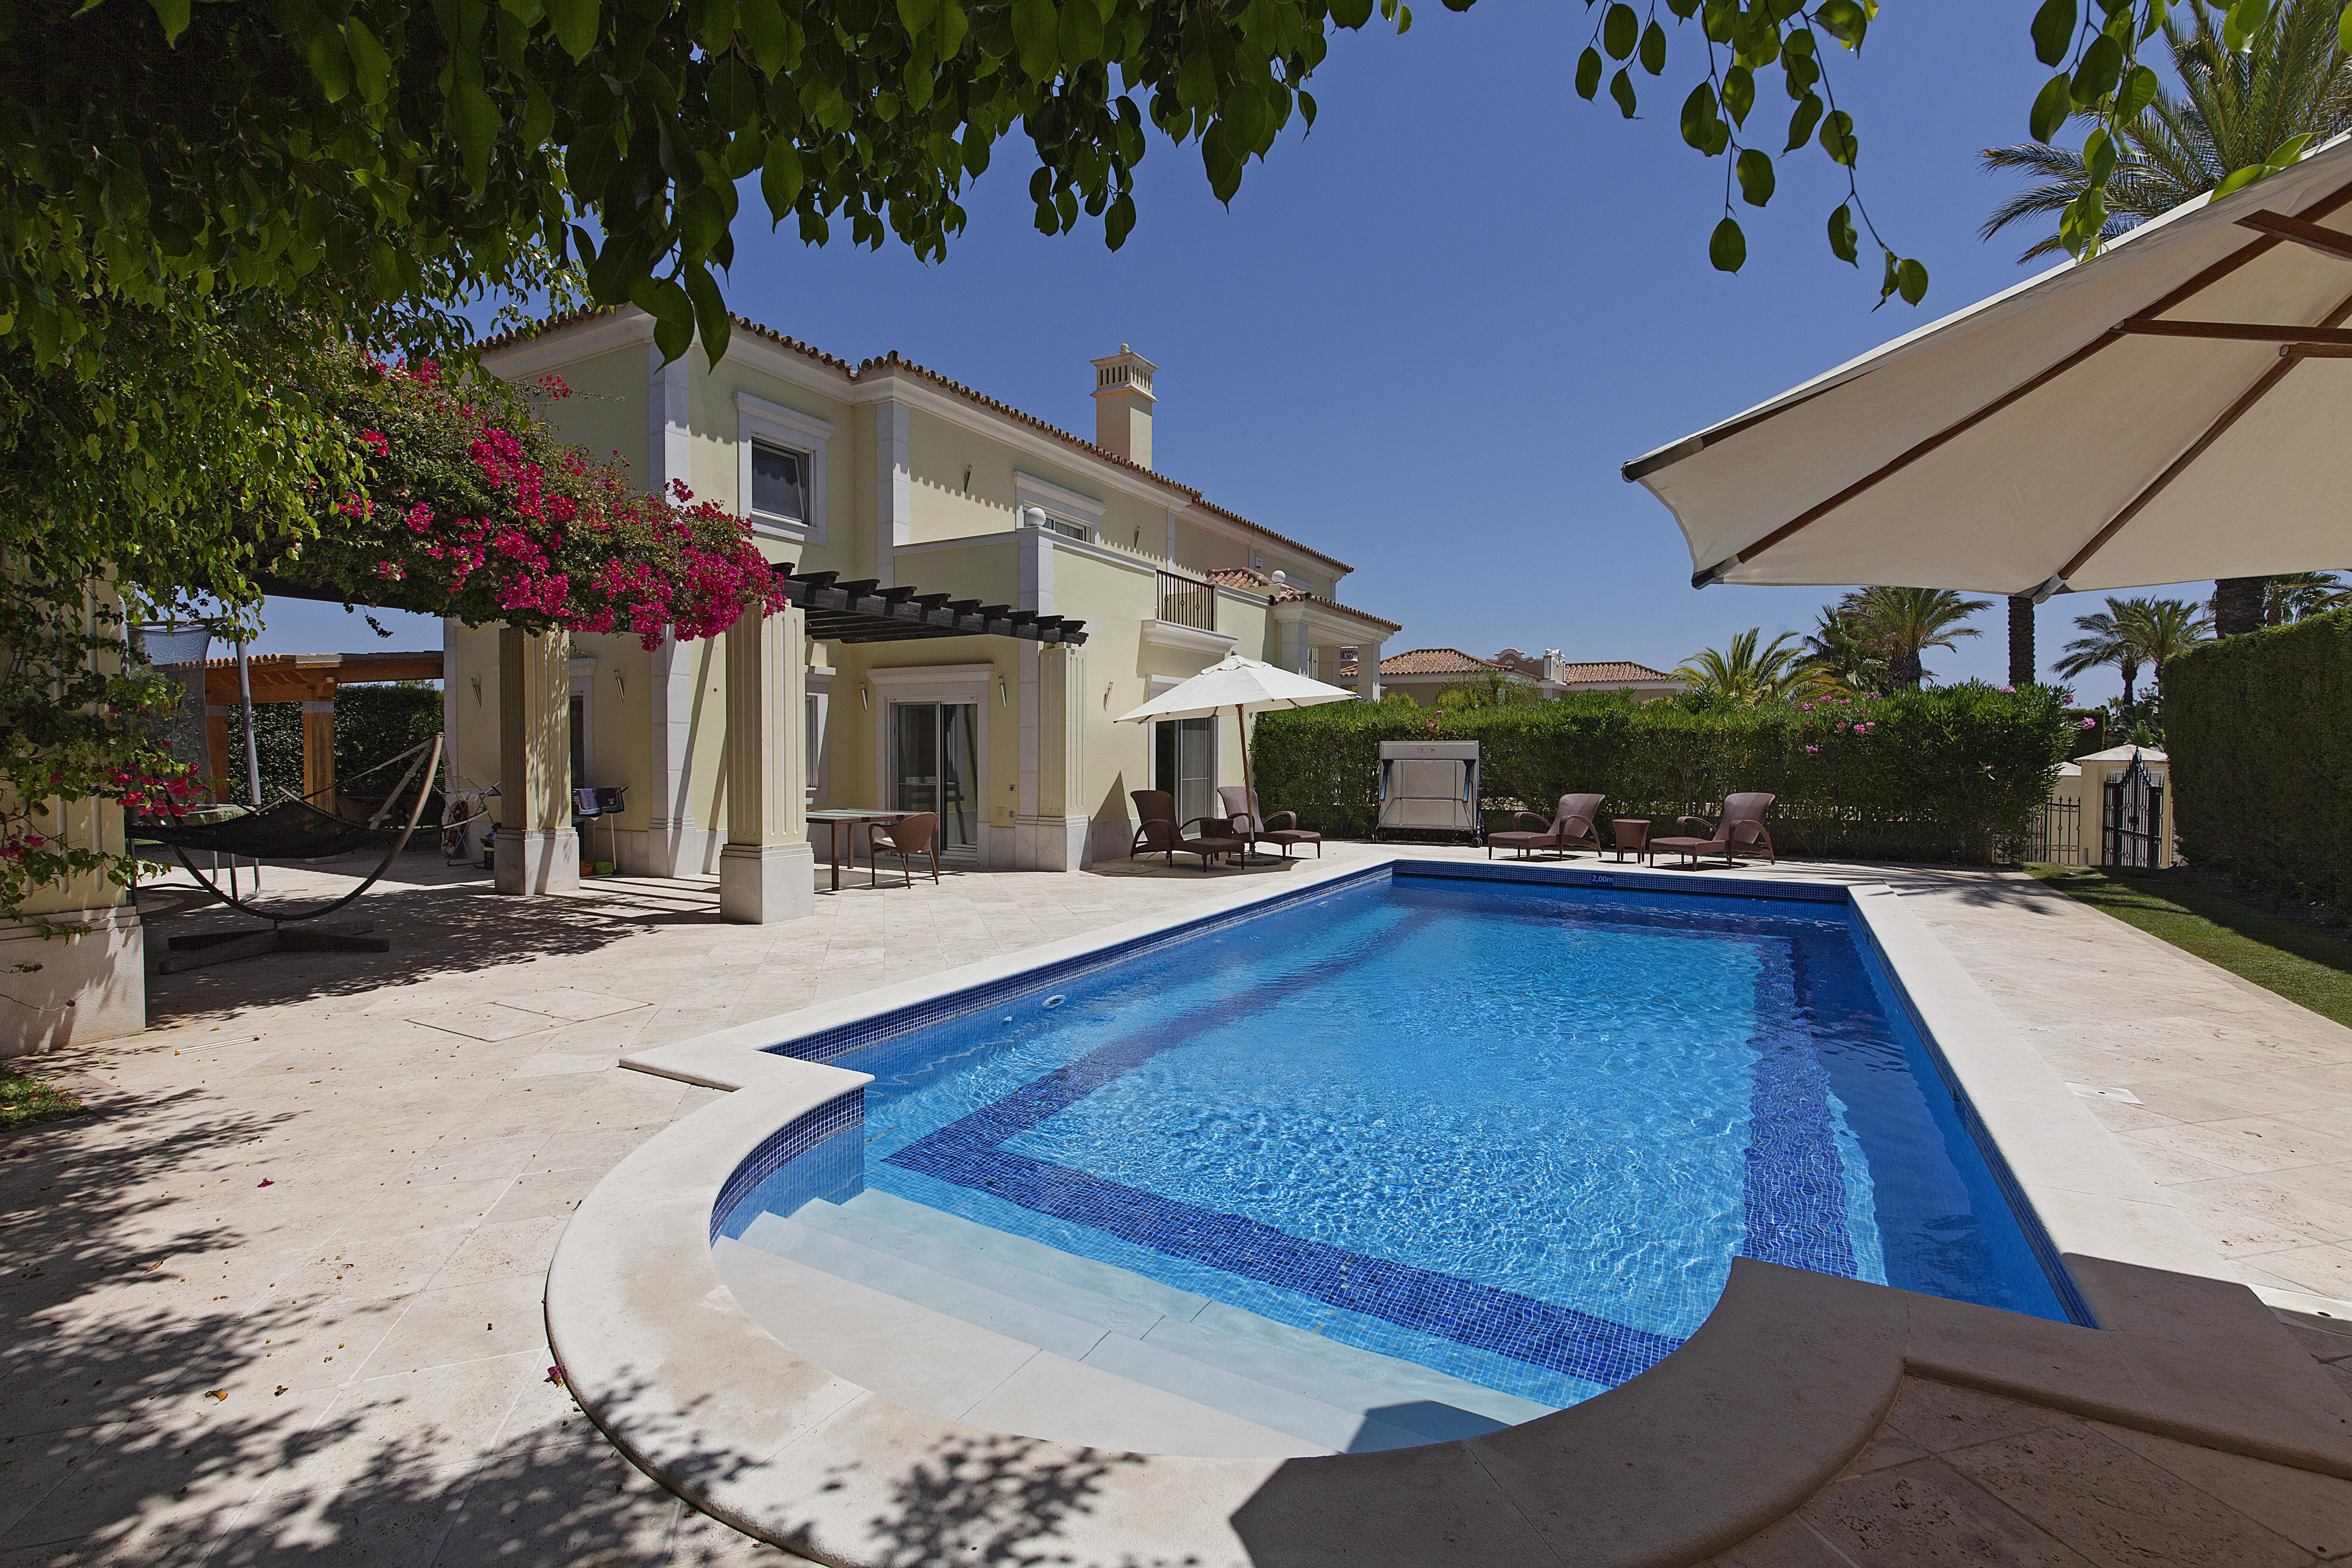 獨棟家庭住宅 為 出售 在 Detached house, 4 bedrooms, for Sale Loule, Algarve 8135-172 葡萄牙